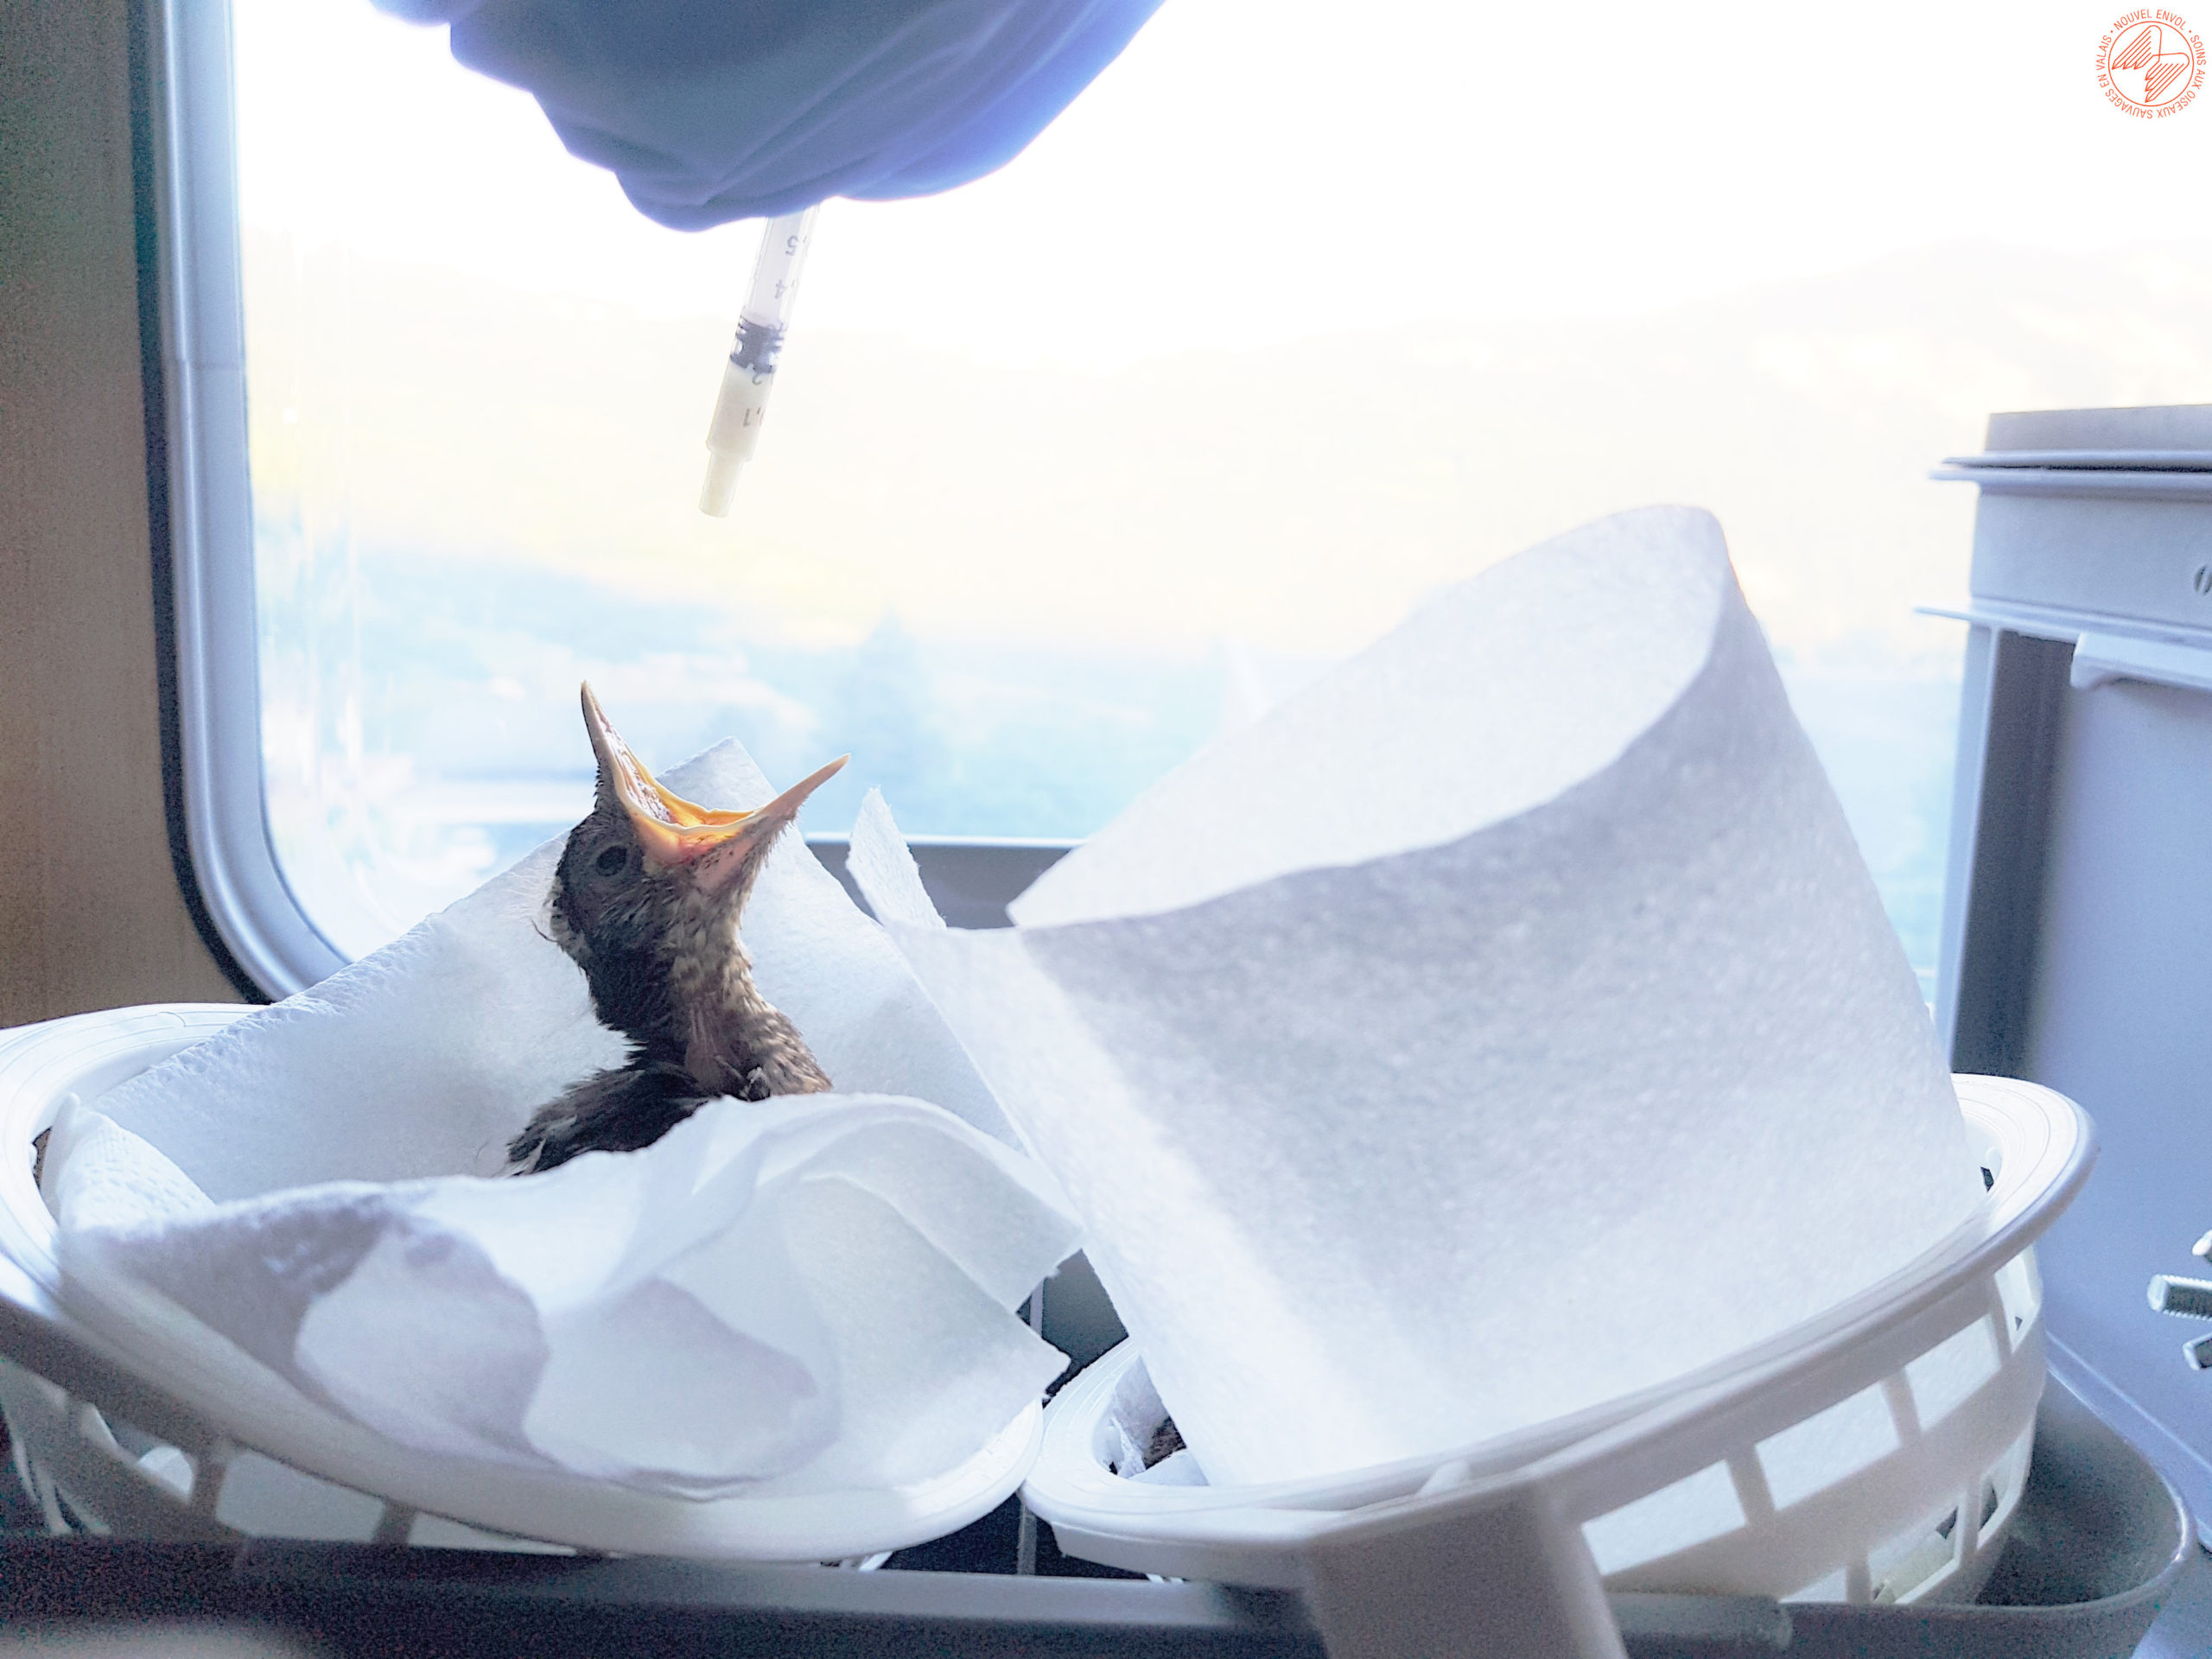 Nourrissage d'un jeune merle orphelin, retrouvé au sol et recouvert de fourmis